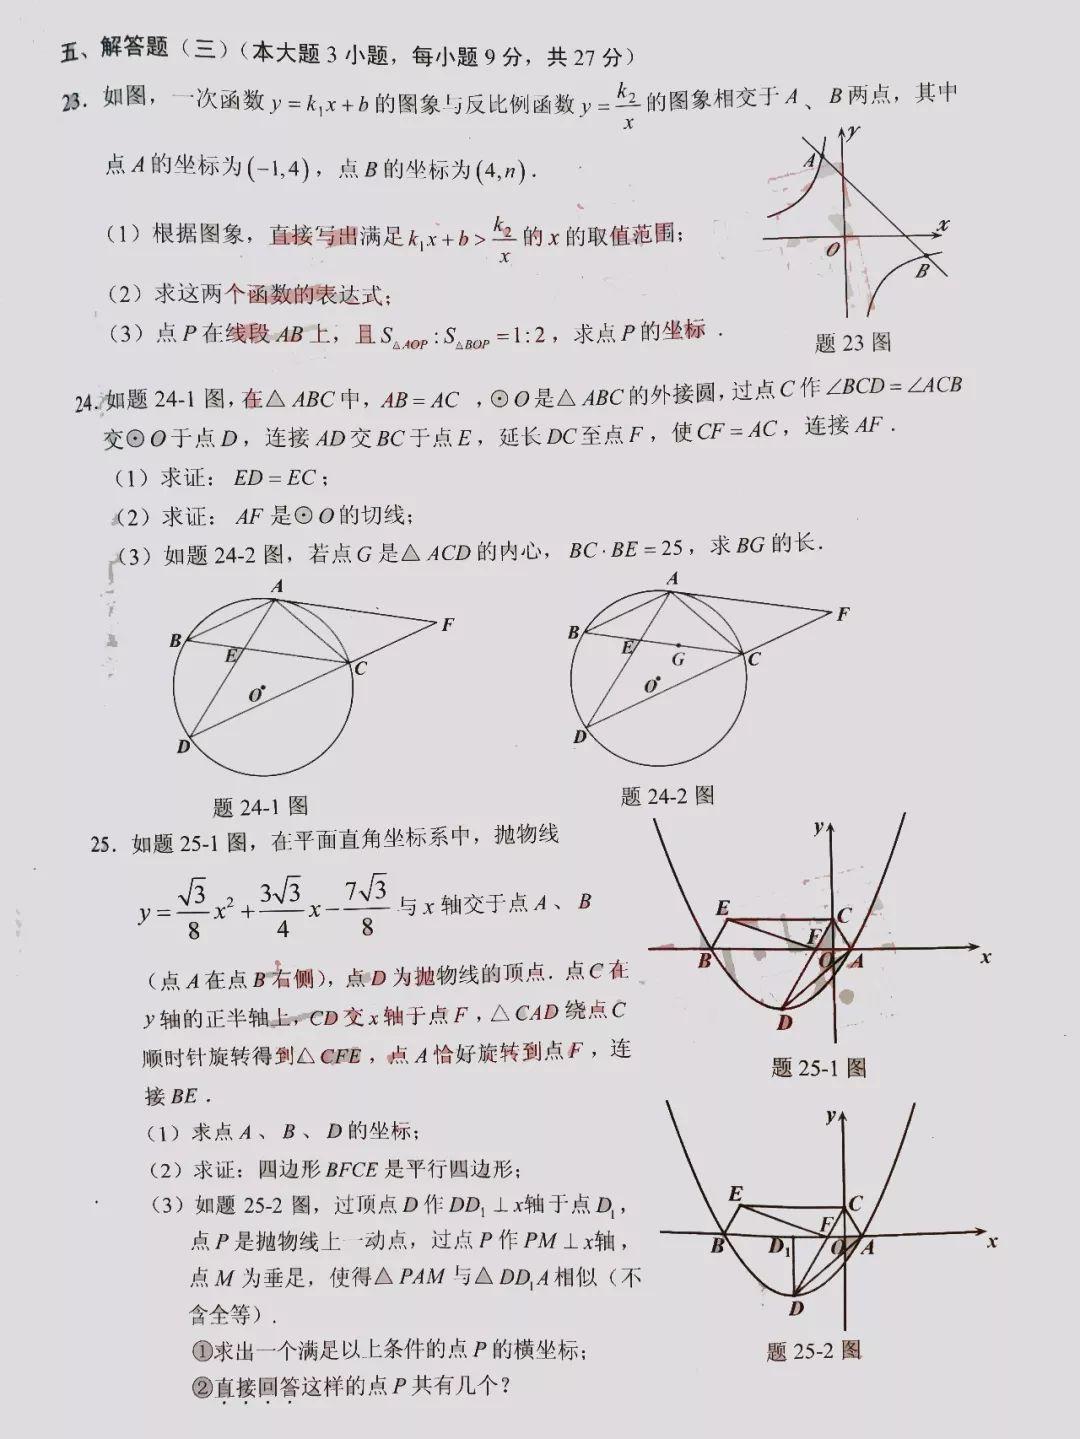 2019年广东中考《数学》真题及答案已公布